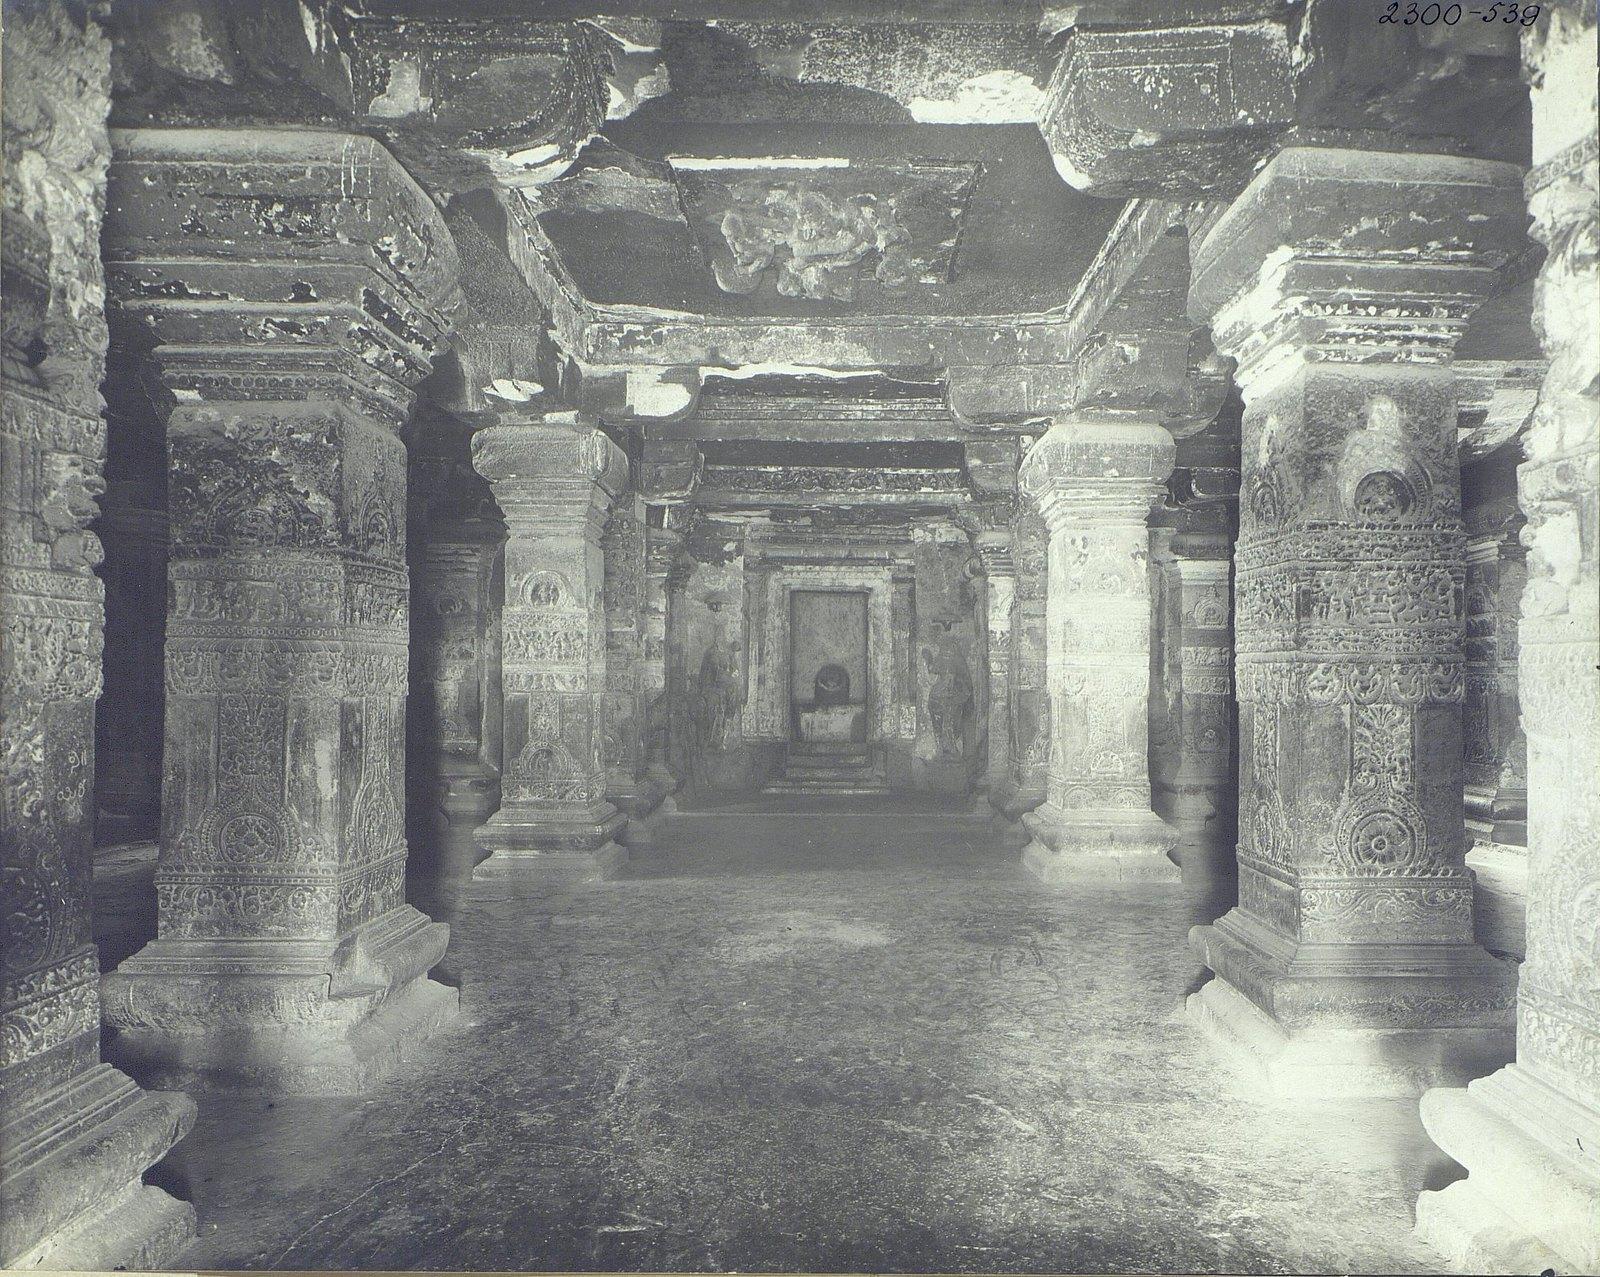 Храм Кайласа в Эллоре (внутренний вид)